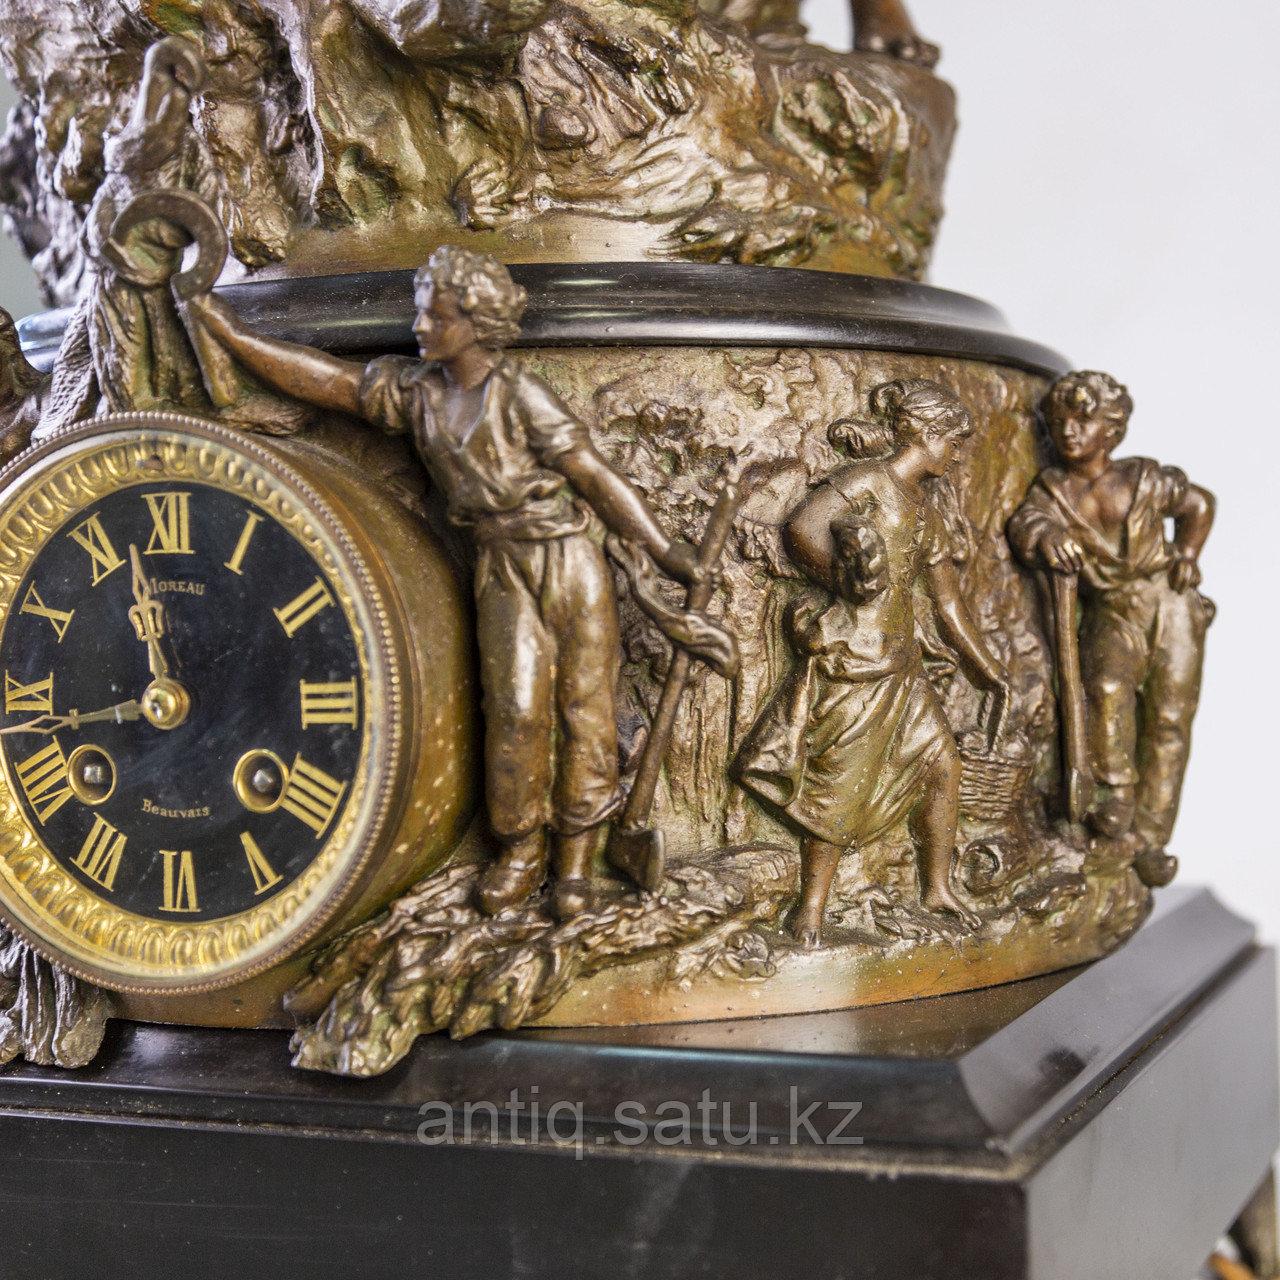 Часы в стиле Наполеона III. Скульптор Hippolyte Moreau Часовая мастерская S. Marti & Cie - фото 7